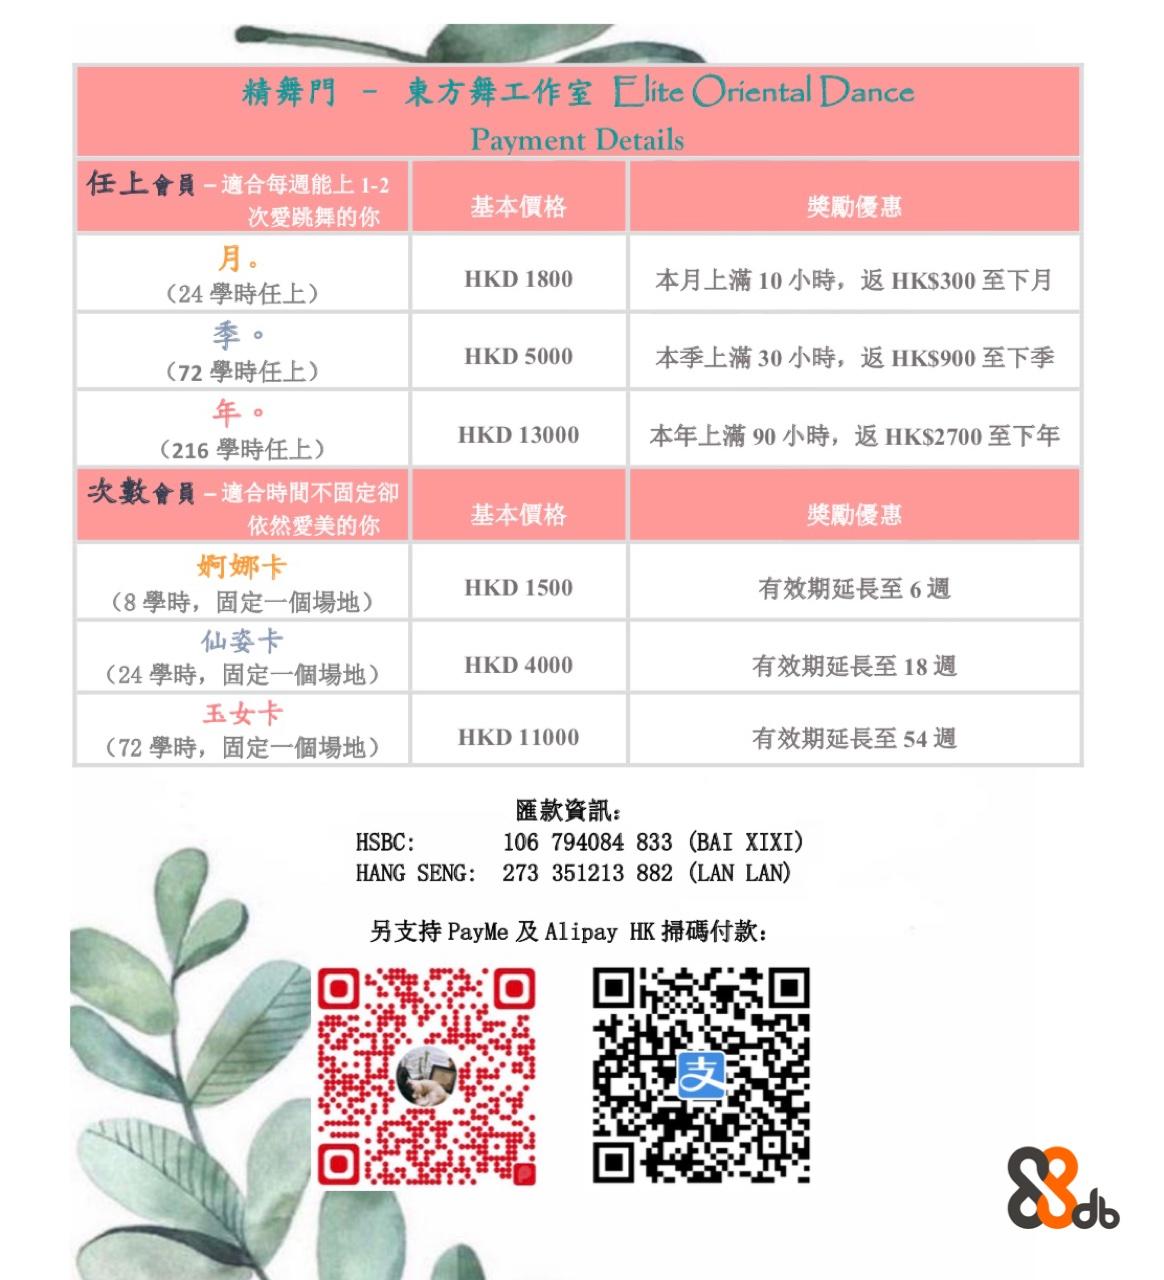 東方舞工作室Elite Oriental Dance 精舞門 - Payment Details 任上會員 適合每週能上1-2 奬勵優惠 本月上滿10小時,返HK$300至下月 本季上滿30小時,返HK$900至下季 基本價格 次愛跳舞的你 月 季 年 HKD 1800 (24學時任上) (72學時任上) (216學時任上) HKD 5000 本年上滿90小時, 返HK$2700至下年 HKD 13000 次數會員 適合時間不固定卻 依然愛美的你 奬勵優惠 有效期延長至6週 有效期延長至18週 有效期延長至54週 基本價格 婀娜卡 (8學時,固定一個場地) 仙姿卡 (24學時,固定一個場地) 玉女卡 (72學時,固定一個場地) HKD 1500 HKD 4000 HKD 11000 匯款資訊 HANG SENG: 273 351213 882 (LAN LAN) 另支持PayMe及Alipay HK掃碼付款: 106 794084 833 (BAI XIXI) HSBC: db,Text,Font,Line,